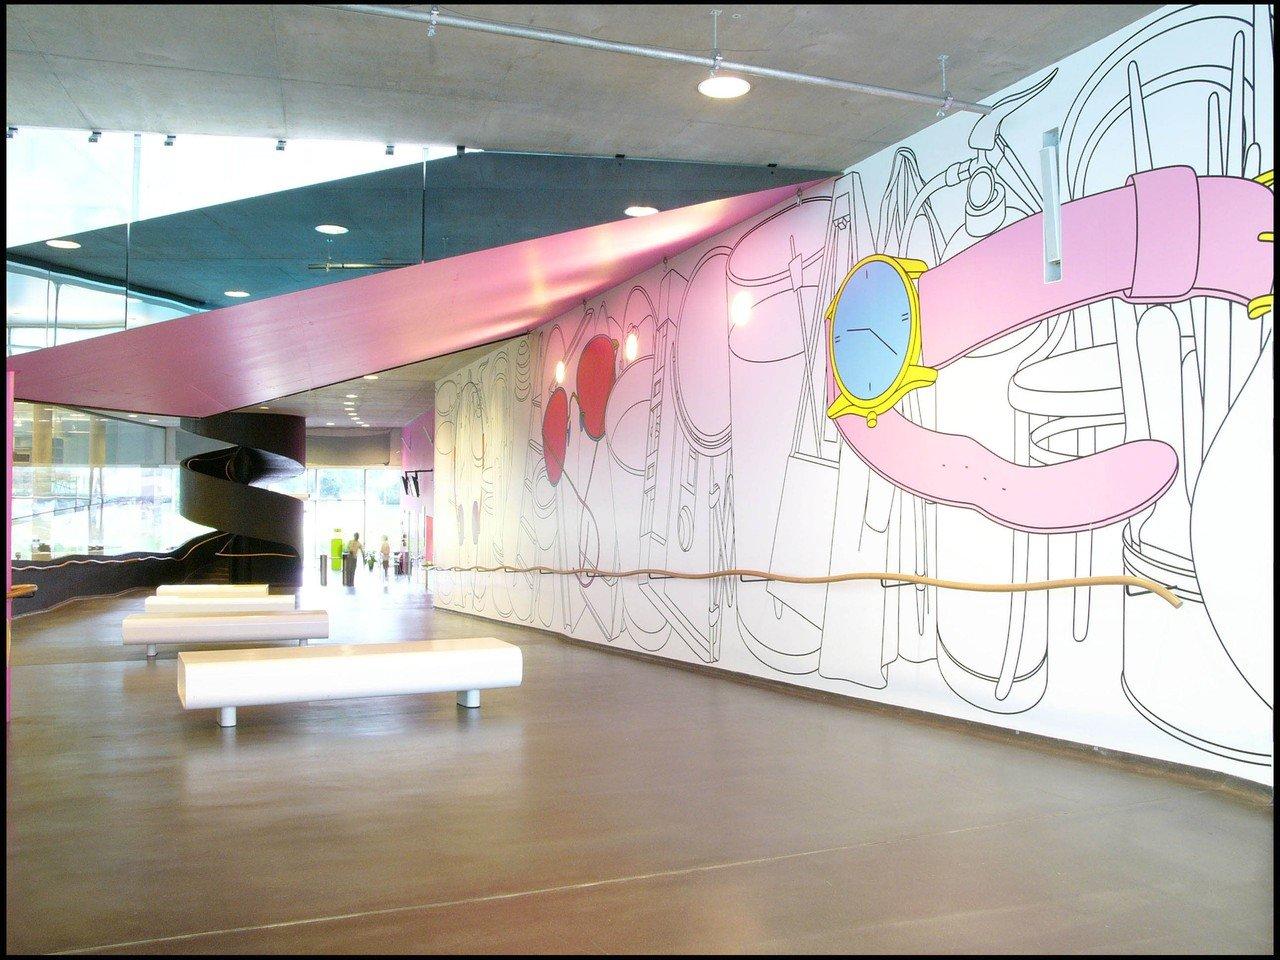 Londres corporate event venues Salle de réception The Laban Building - Foyer image 0